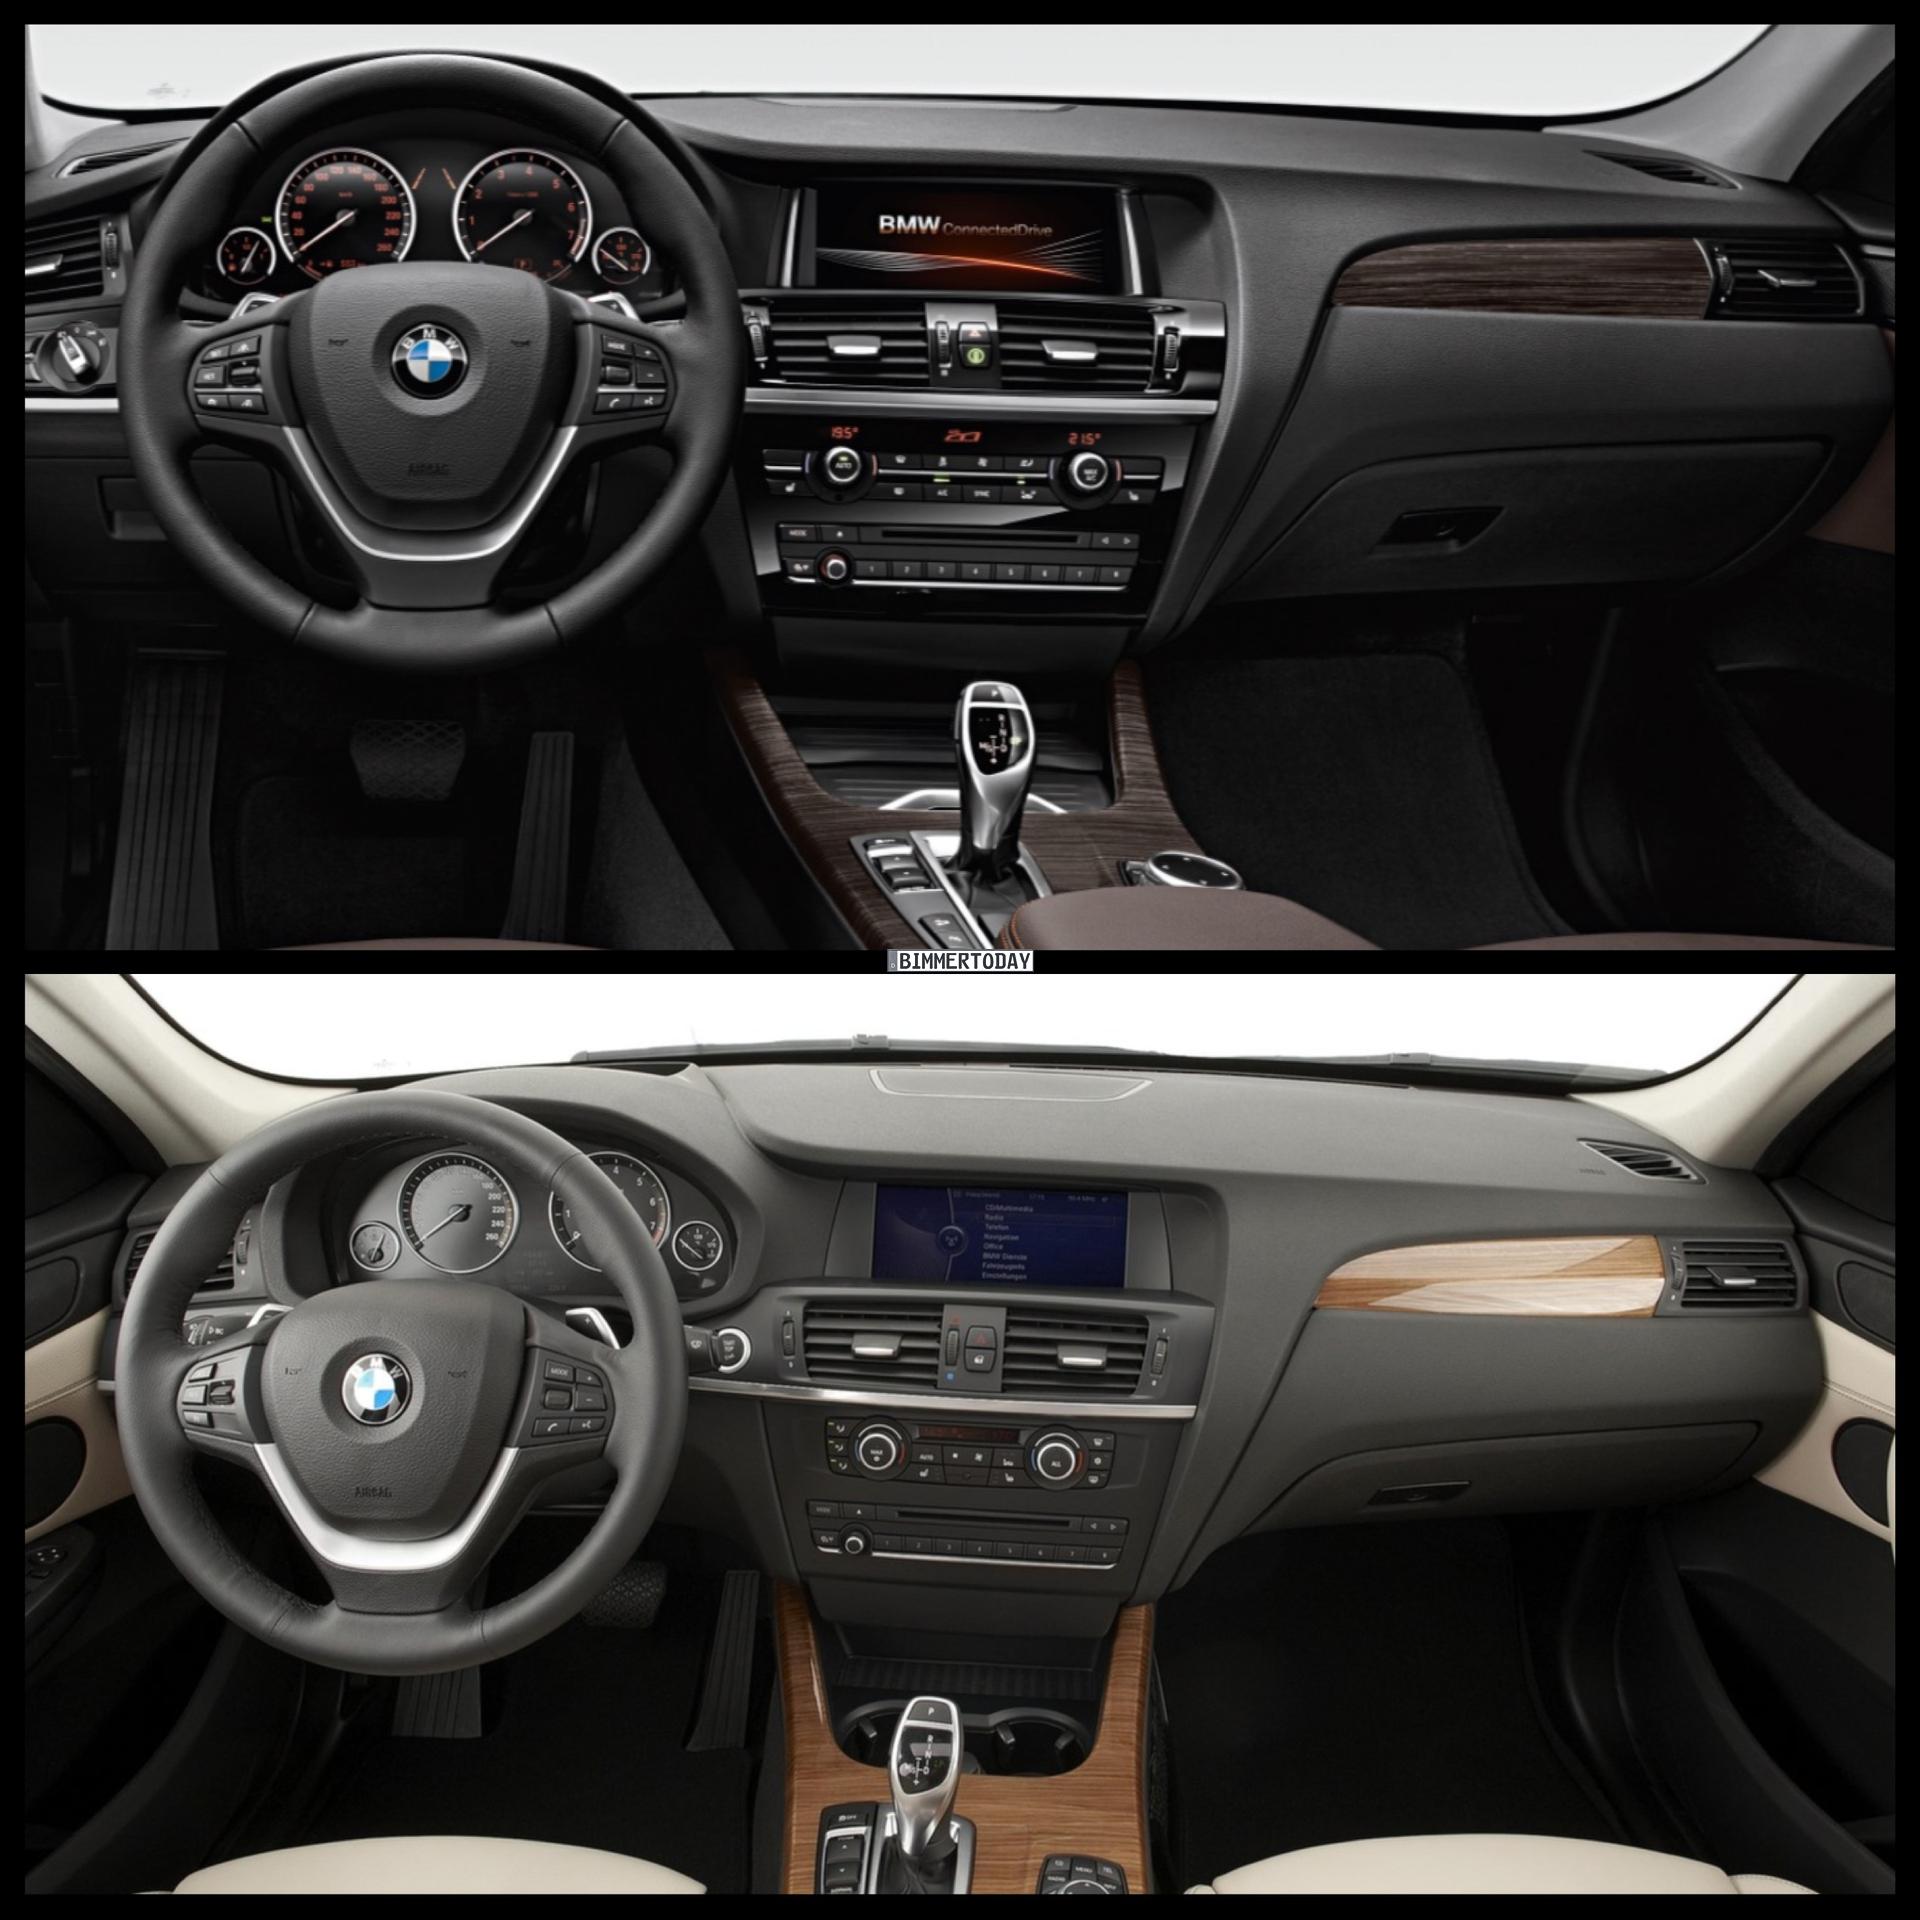 2015 BMW X3 Facelift vs. BMW X3 Pre-Facelift - Photo Comparison